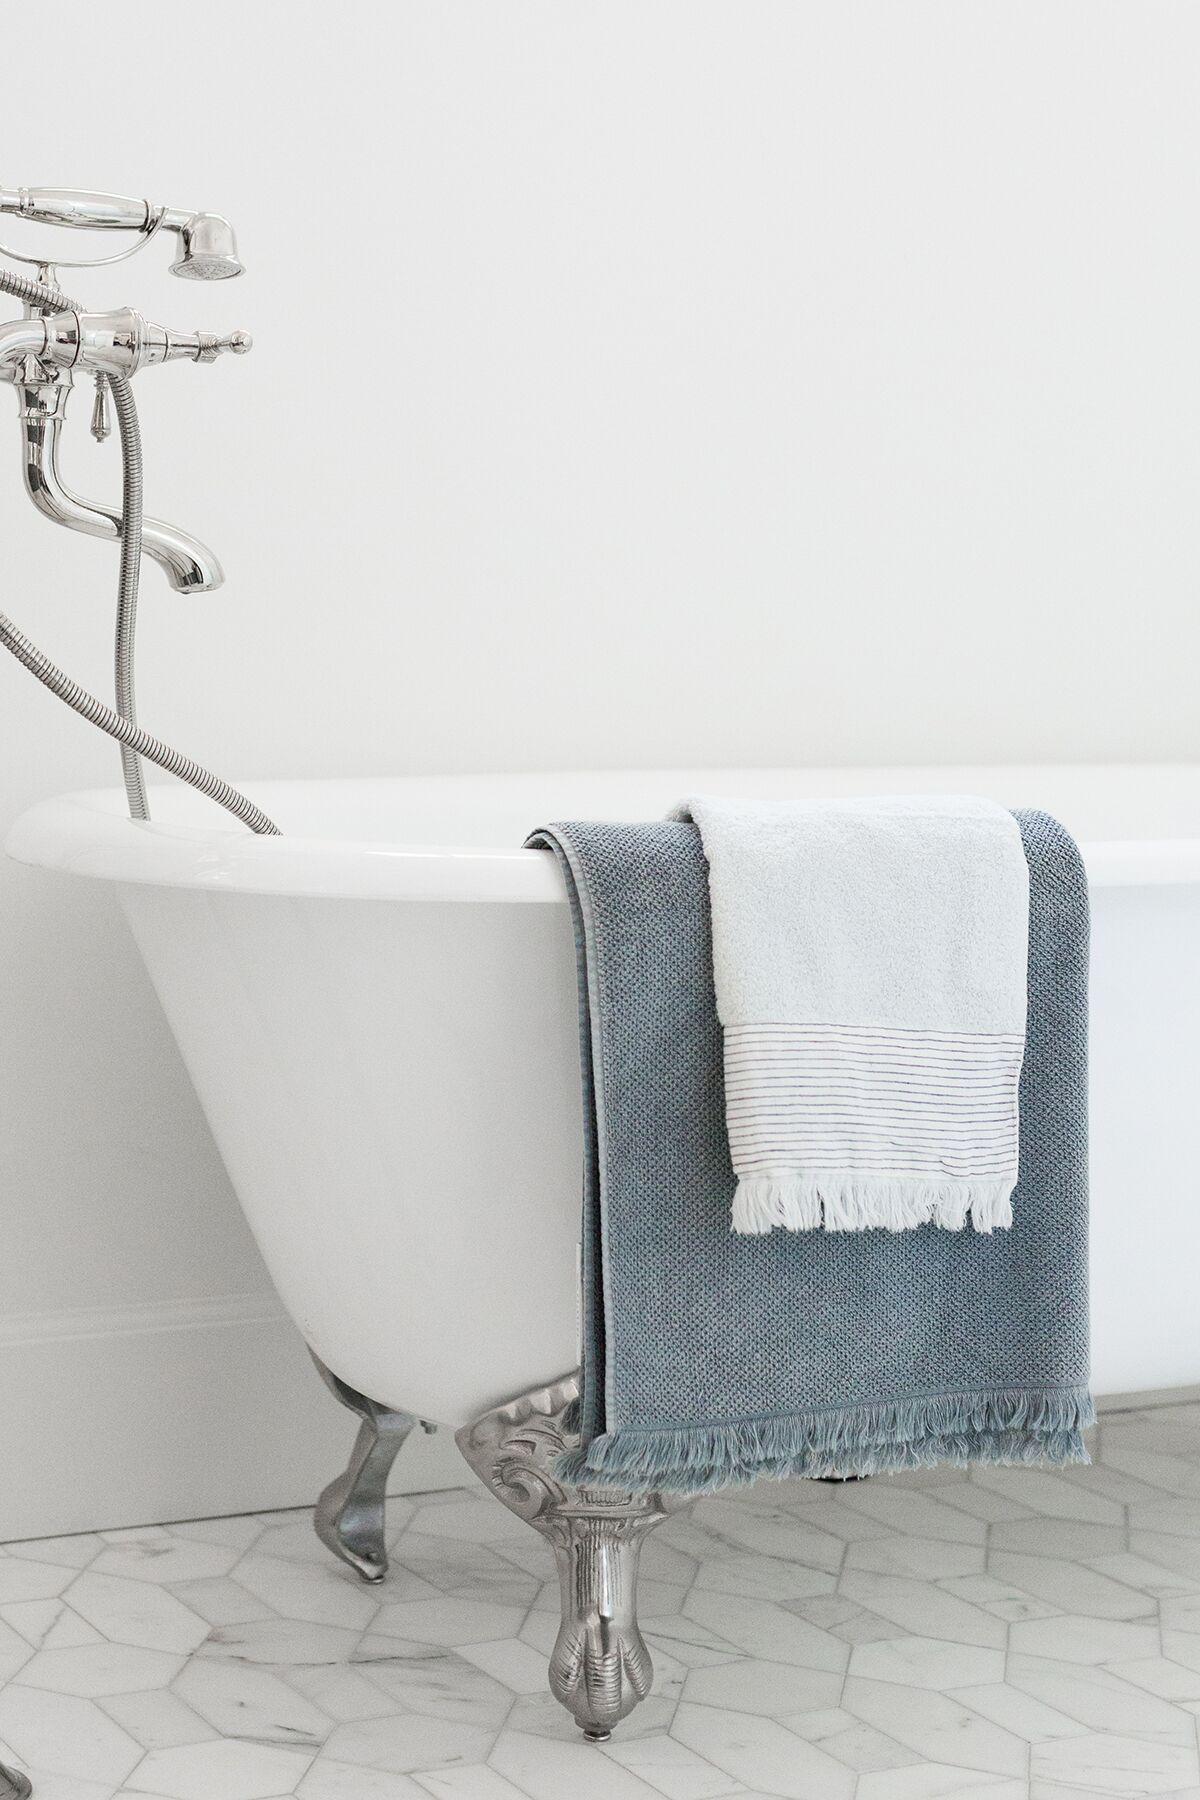 Shop  Avila Bath Towel Collection  / Shop  Rockport Towel Collection